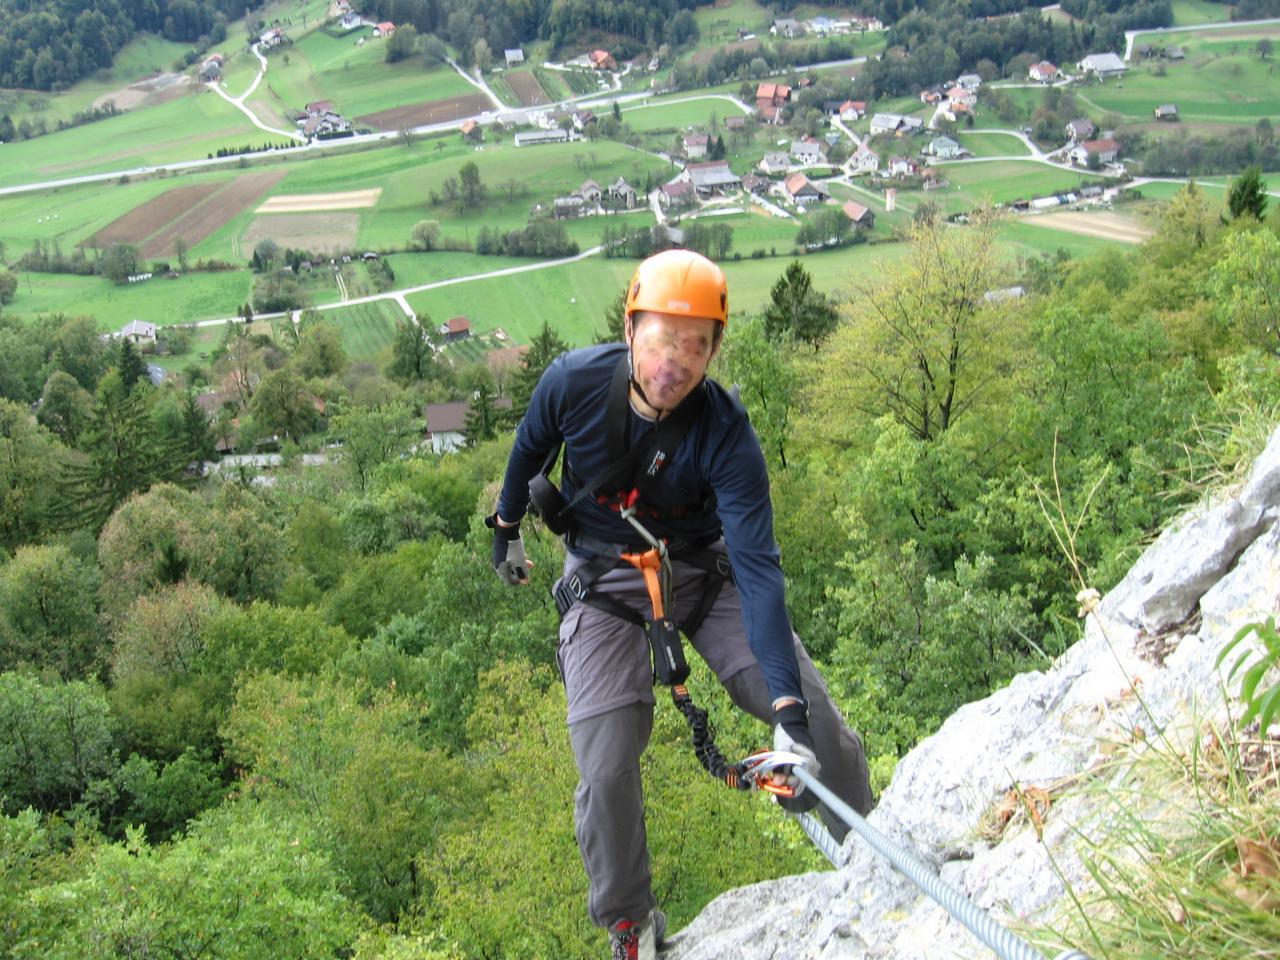 Tree Rider Klettergurt : Klettersteigset für selbstschutz black diamond easy rider kibuba